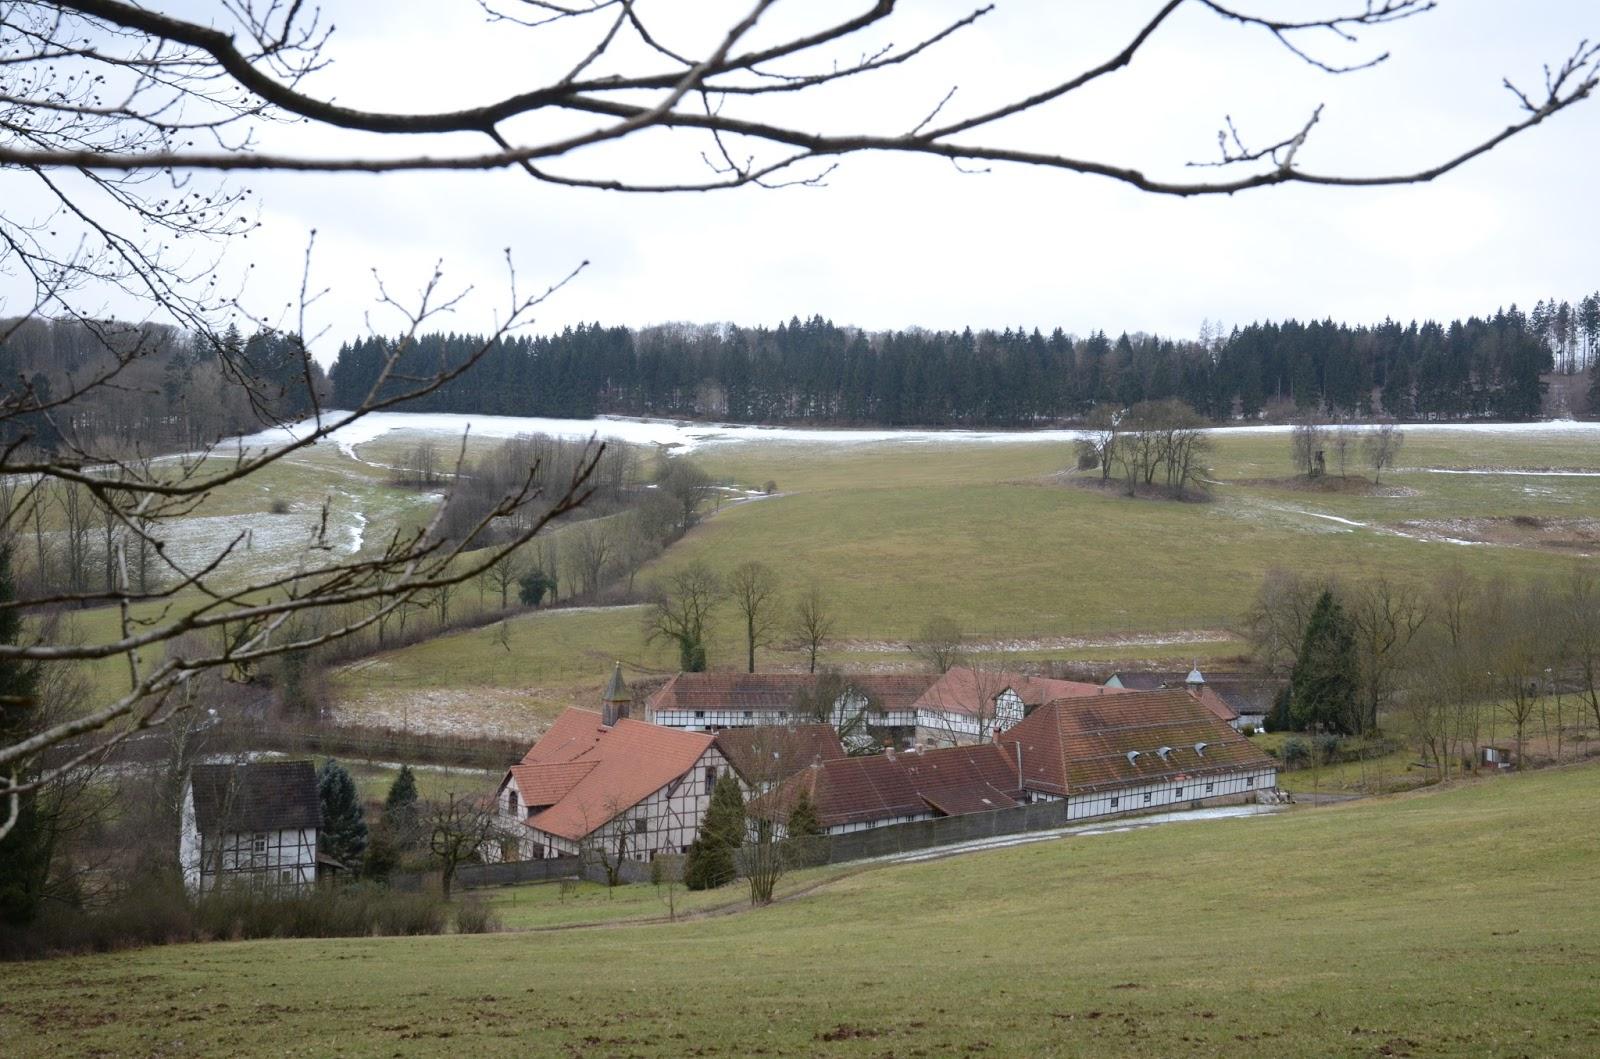 kloster wollstein